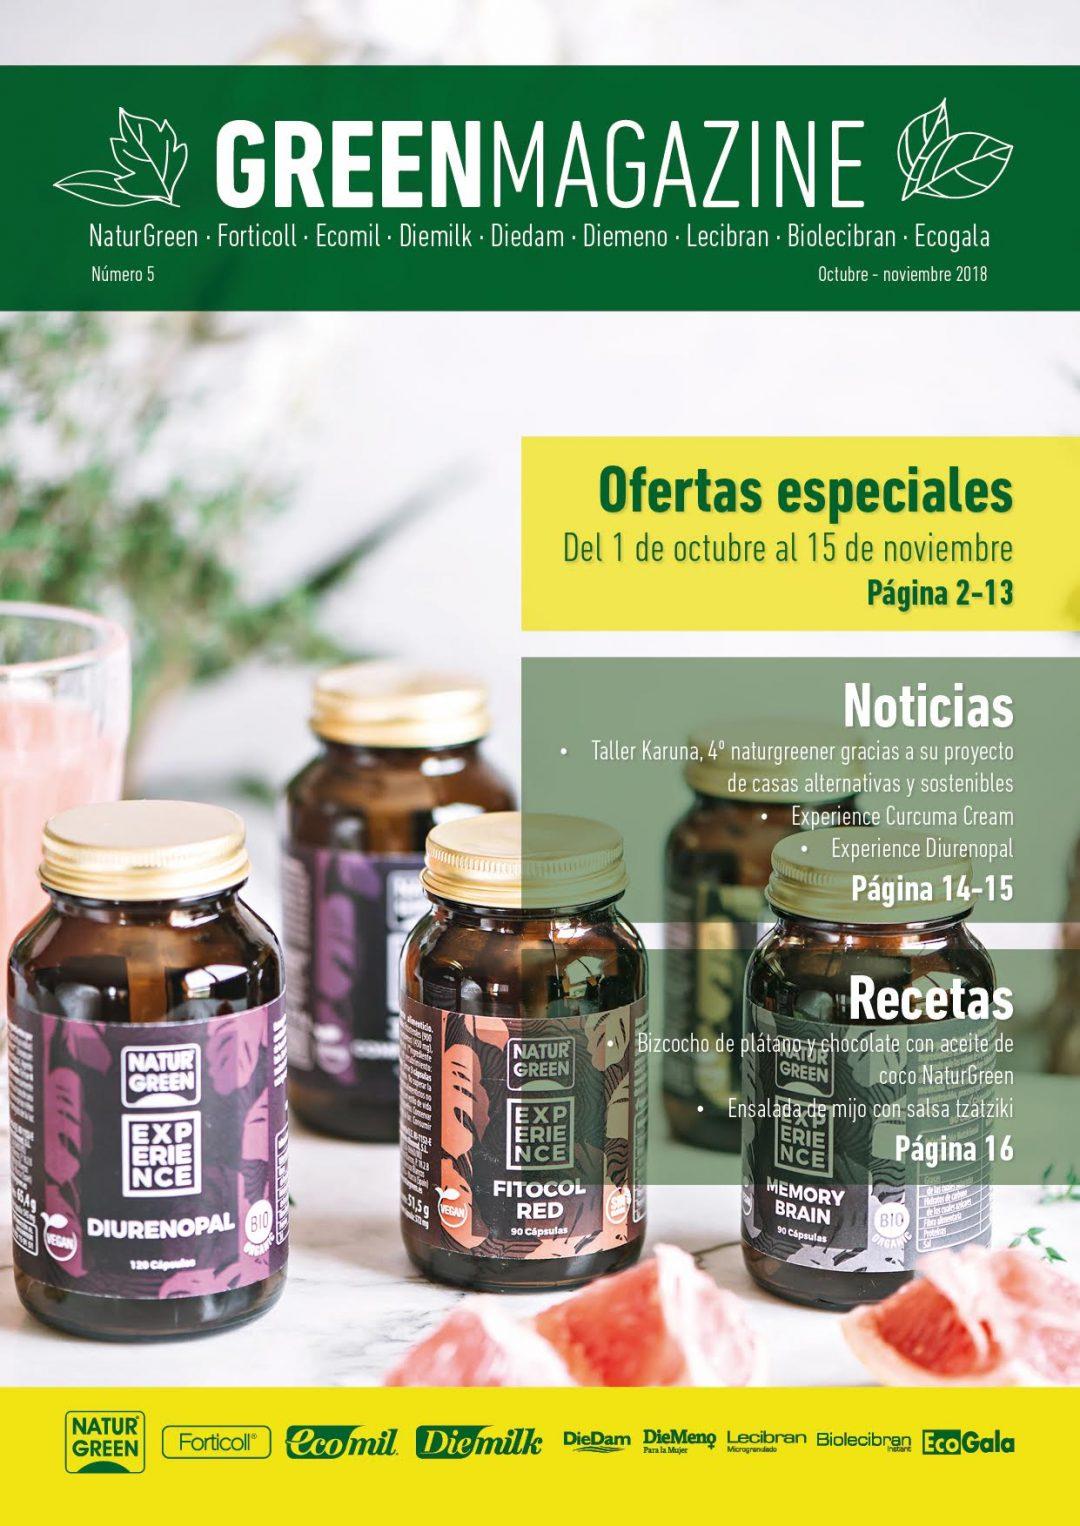 Fotografía Gastronómica para publicidad